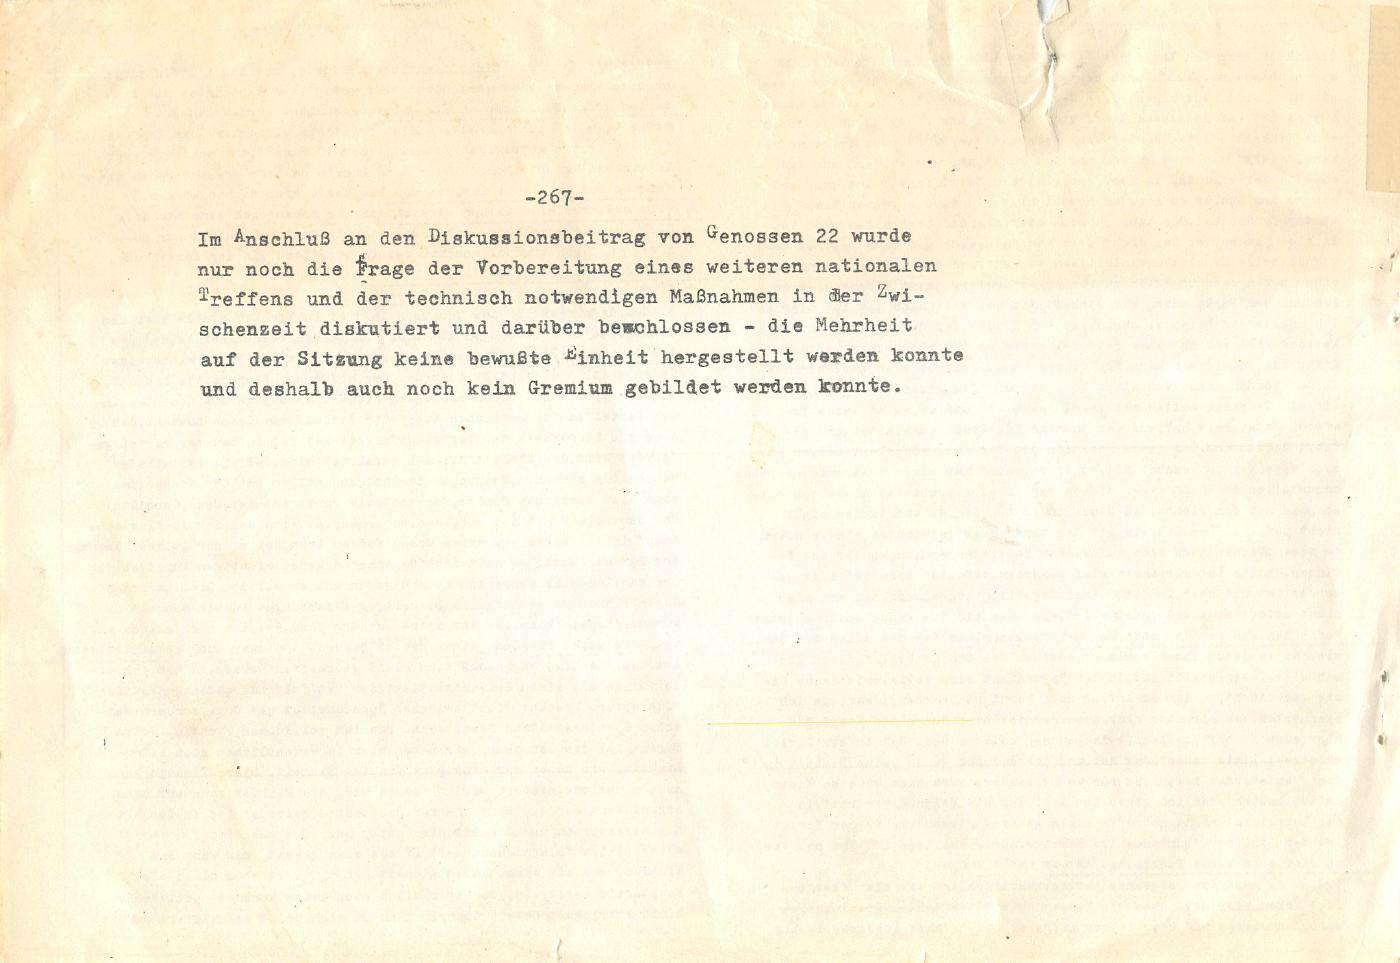 KPDML_1971_Wortprotokolle_aoPt_127